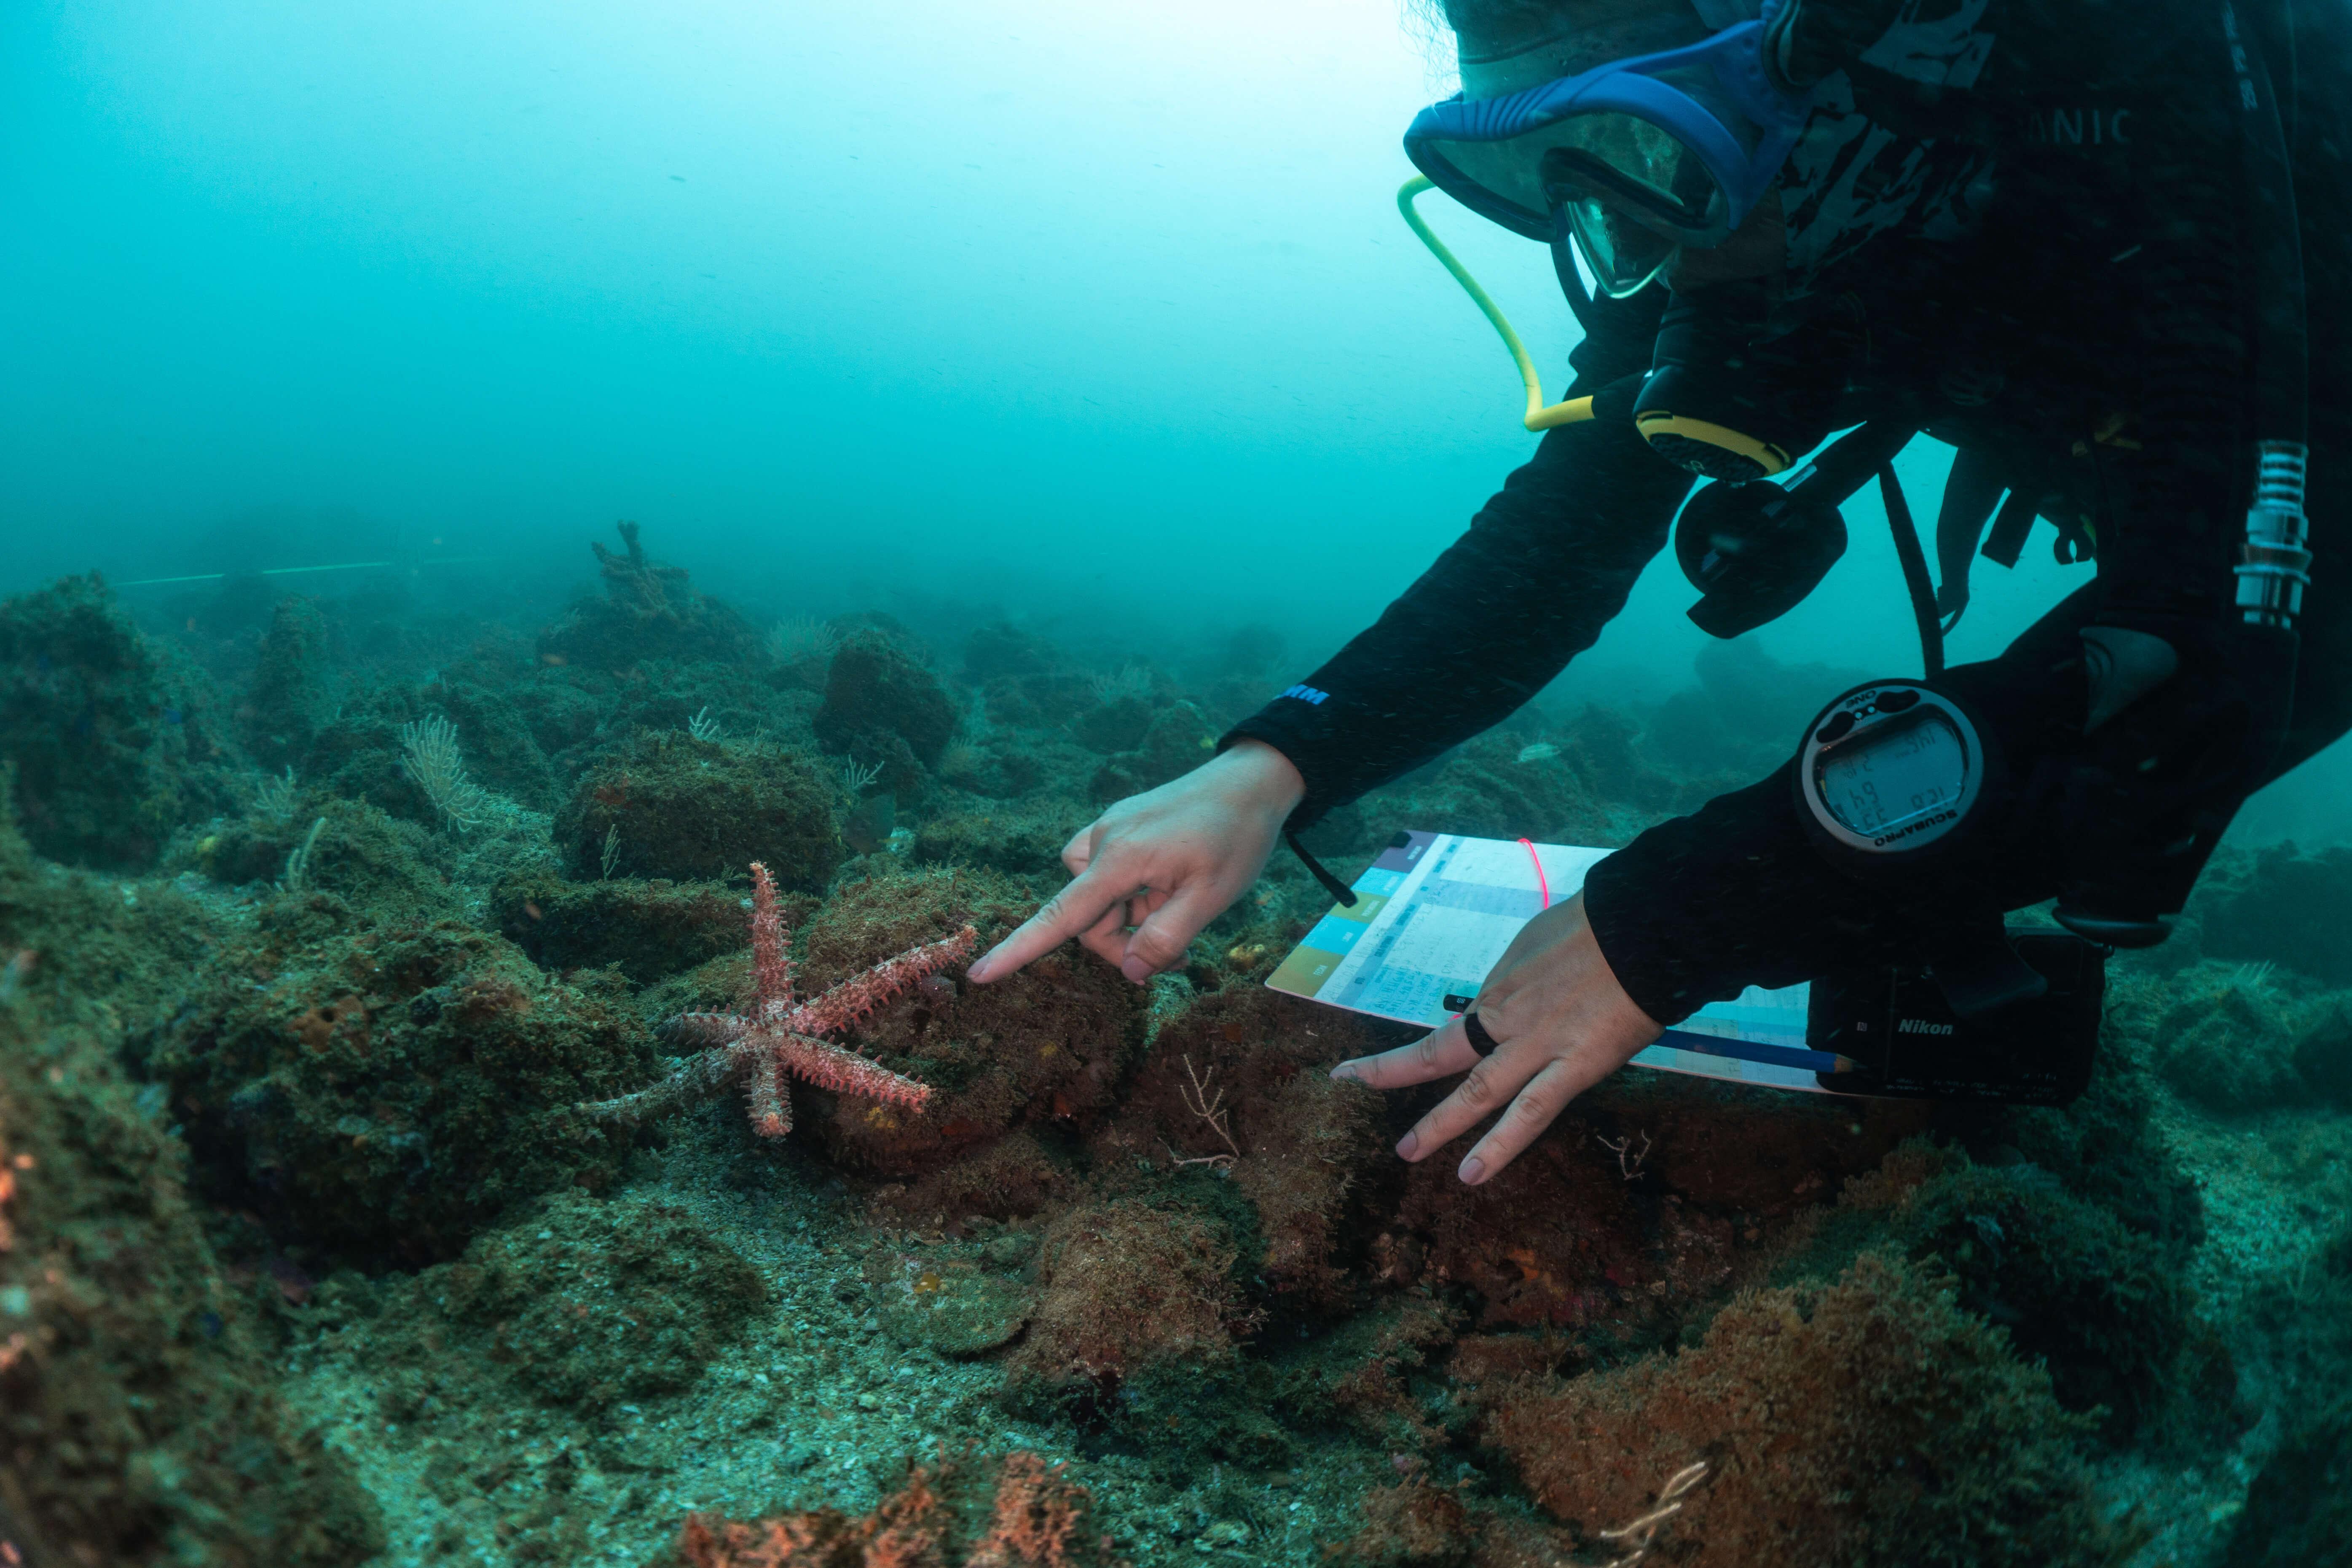 Crean protocolo nacional para monitoreo de arrecifes rocosos